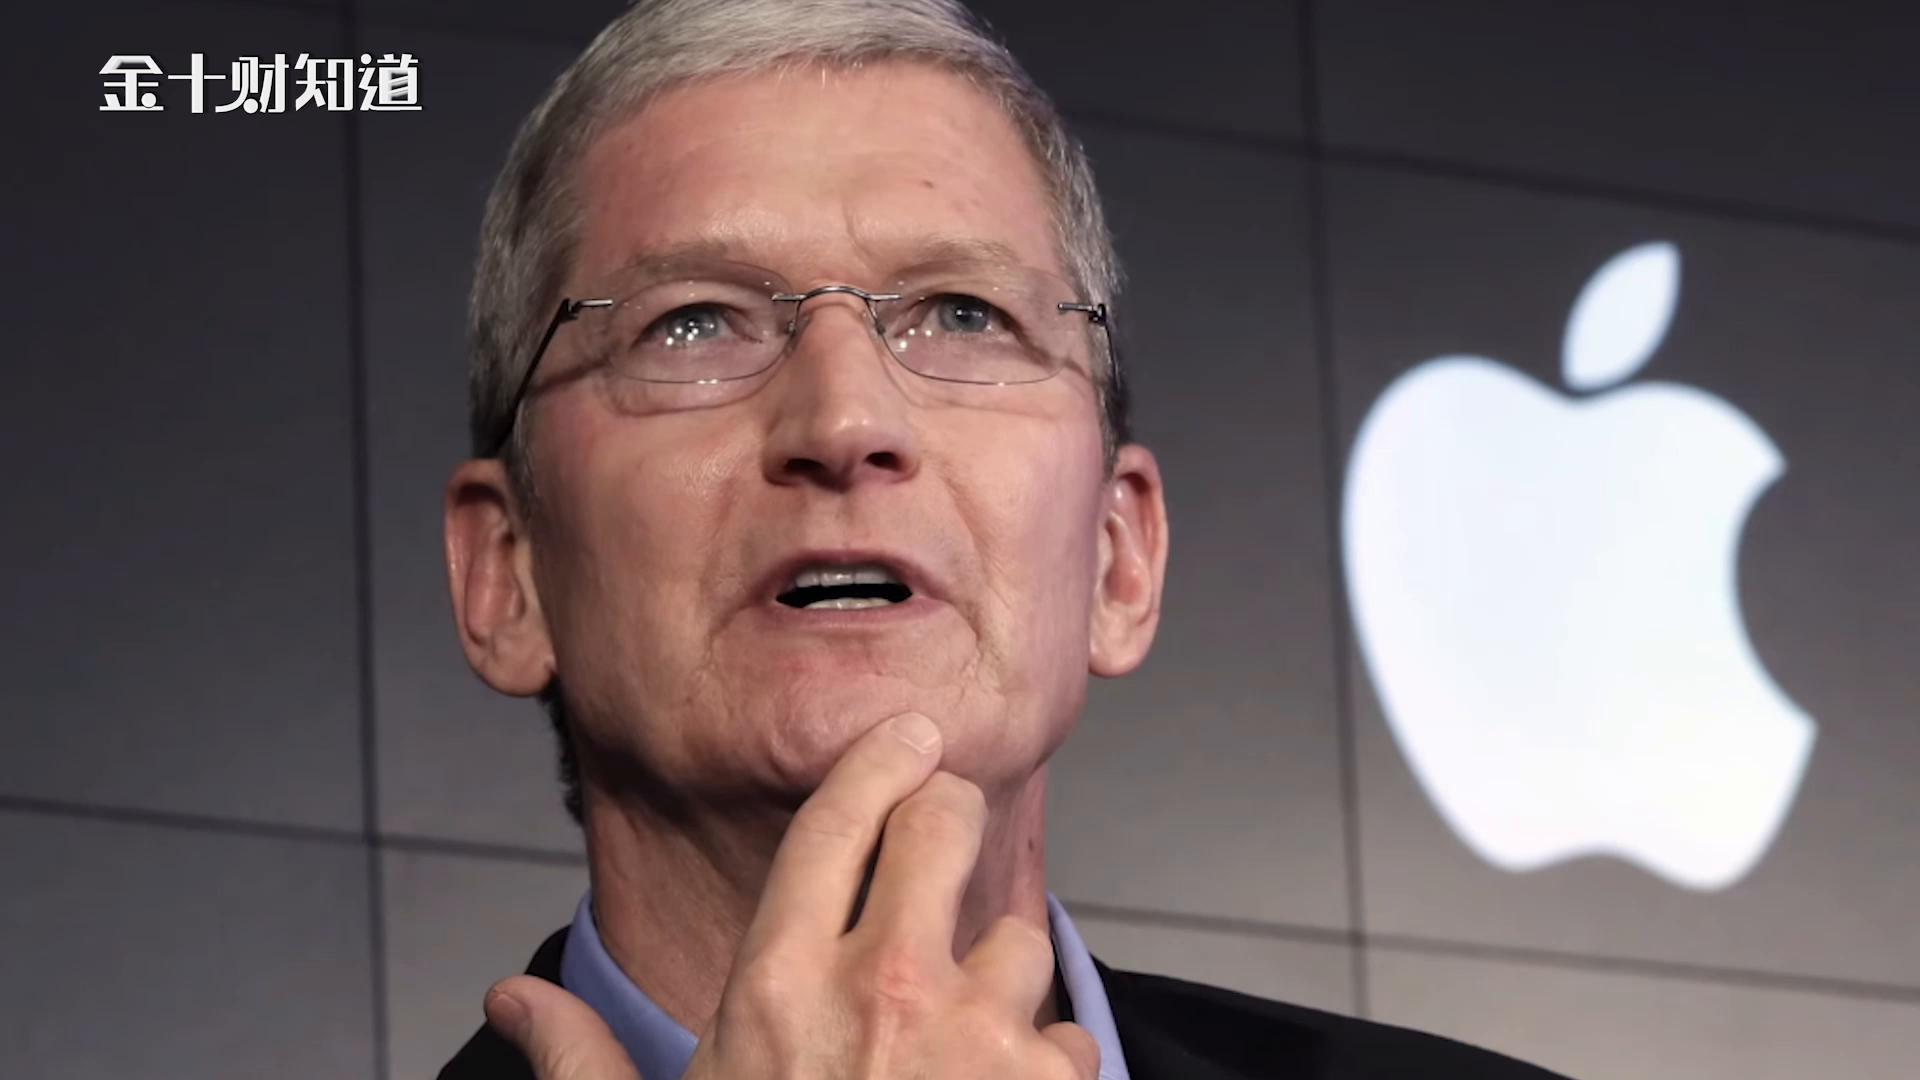 大难临头各自飞? 美国苹果或舍弃805亿收入,开始研发搜索引擎